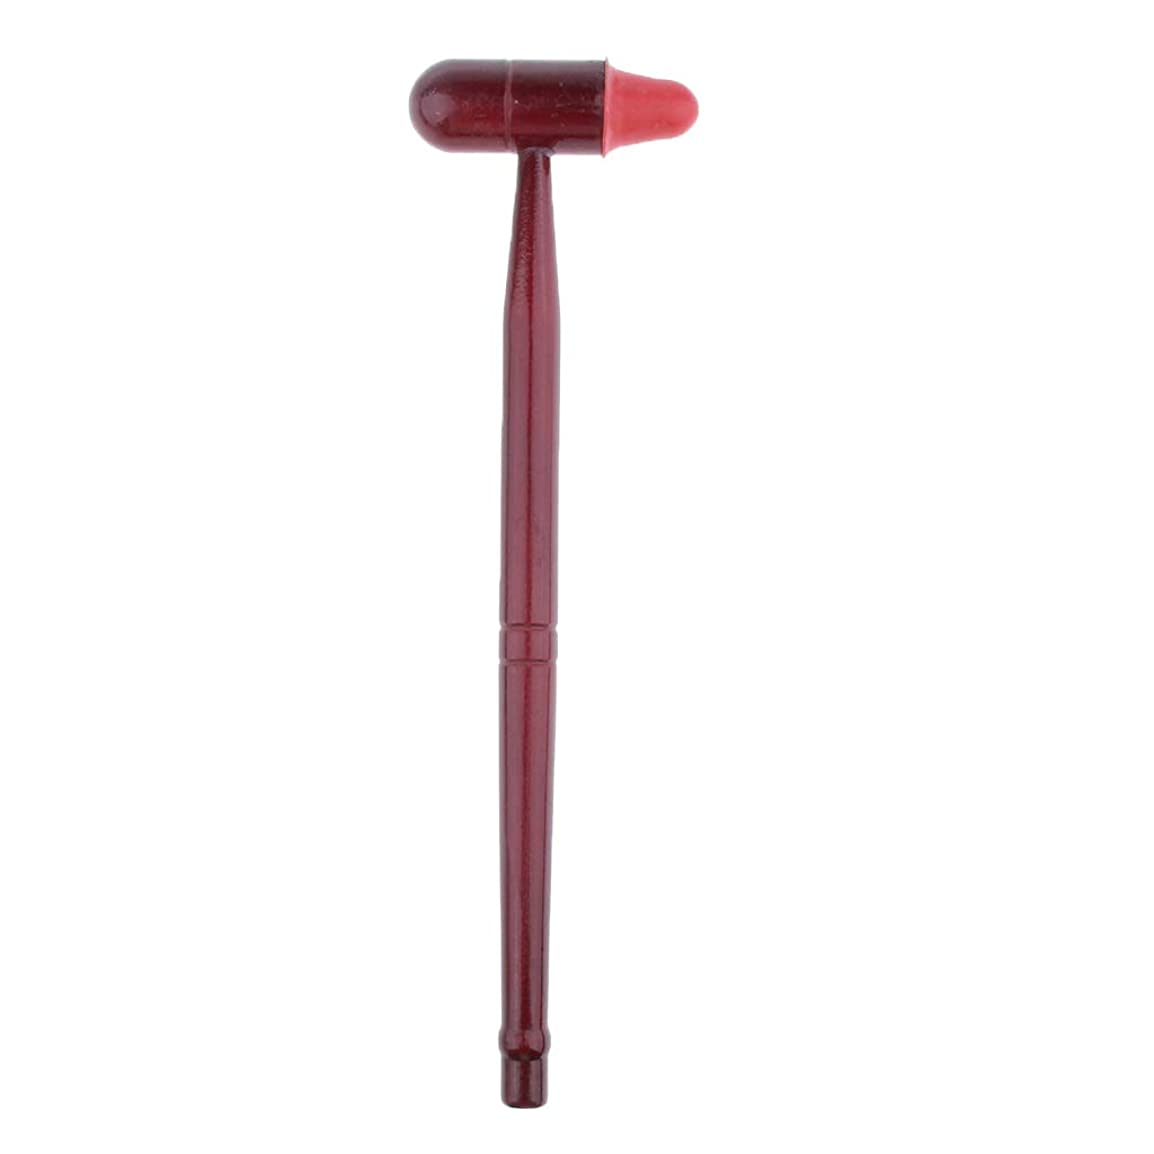 リング合金ビンPerfeclan ボディマッサージ ハンマー ノック 肩たたき棒 健康用品 木製 ストレス解消 使いやすい 疲労緩和